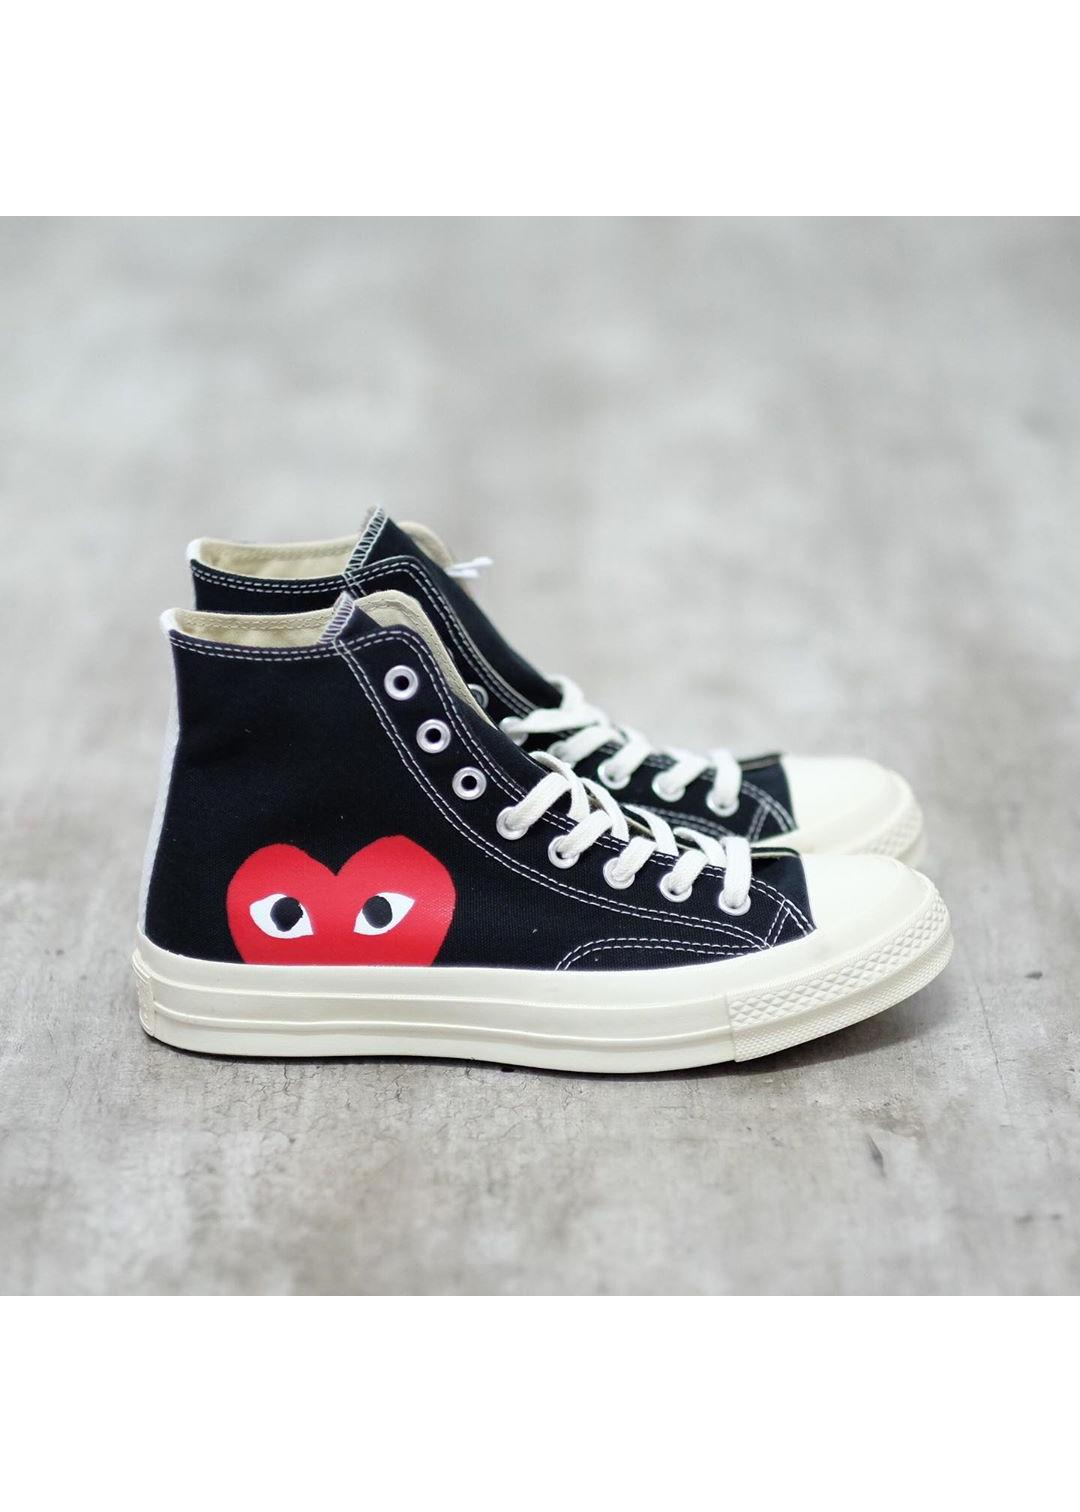 Giày thể thao vải cổ cao Play Heart CDG màu đen in hình trái tim